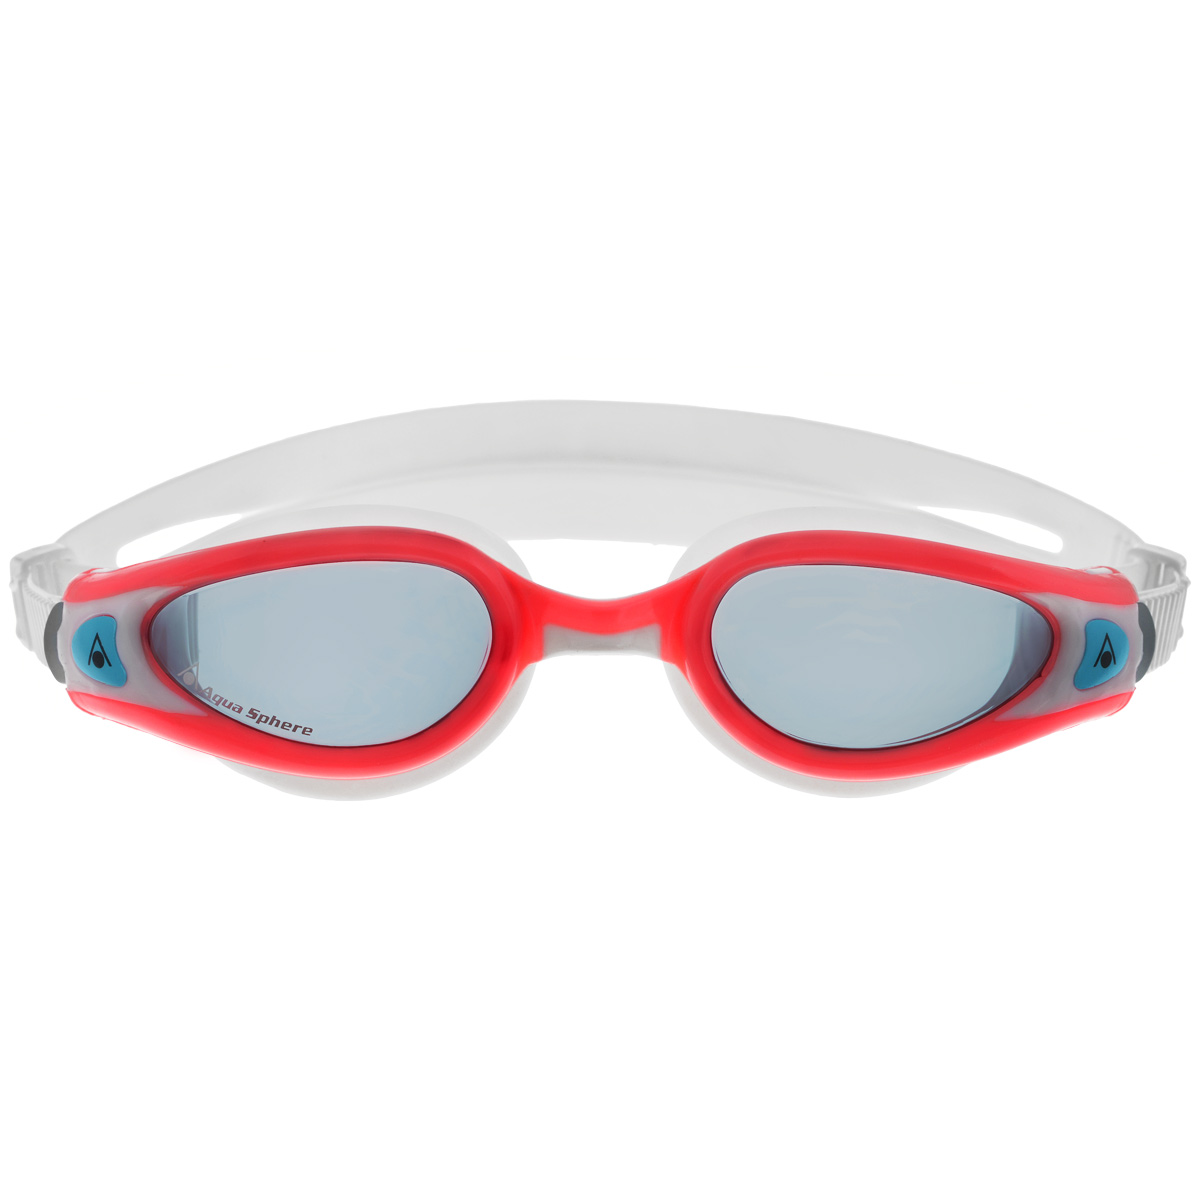 Очки для плавания Aqua Sphere Kaiman Exo Lady, цвет: белый, розовыйTN 175710Модные и стильные очки Kaiman Exo Lady идеально подходят для плавания в бассейне или открытой воде. Особая технология изогнутых линз позволяет обеспечить превосходный обзор в 180°, не искажая при этом изображение. Очки дают 100% защиту от ультрафиолетового излучения. Специальное покрытие препятствует запотеванию стекол. Новая технология каркаса EXO-core bi-material обеспечивает максимальную стабильность и комфорт.Материал: софтерил, plexisol.